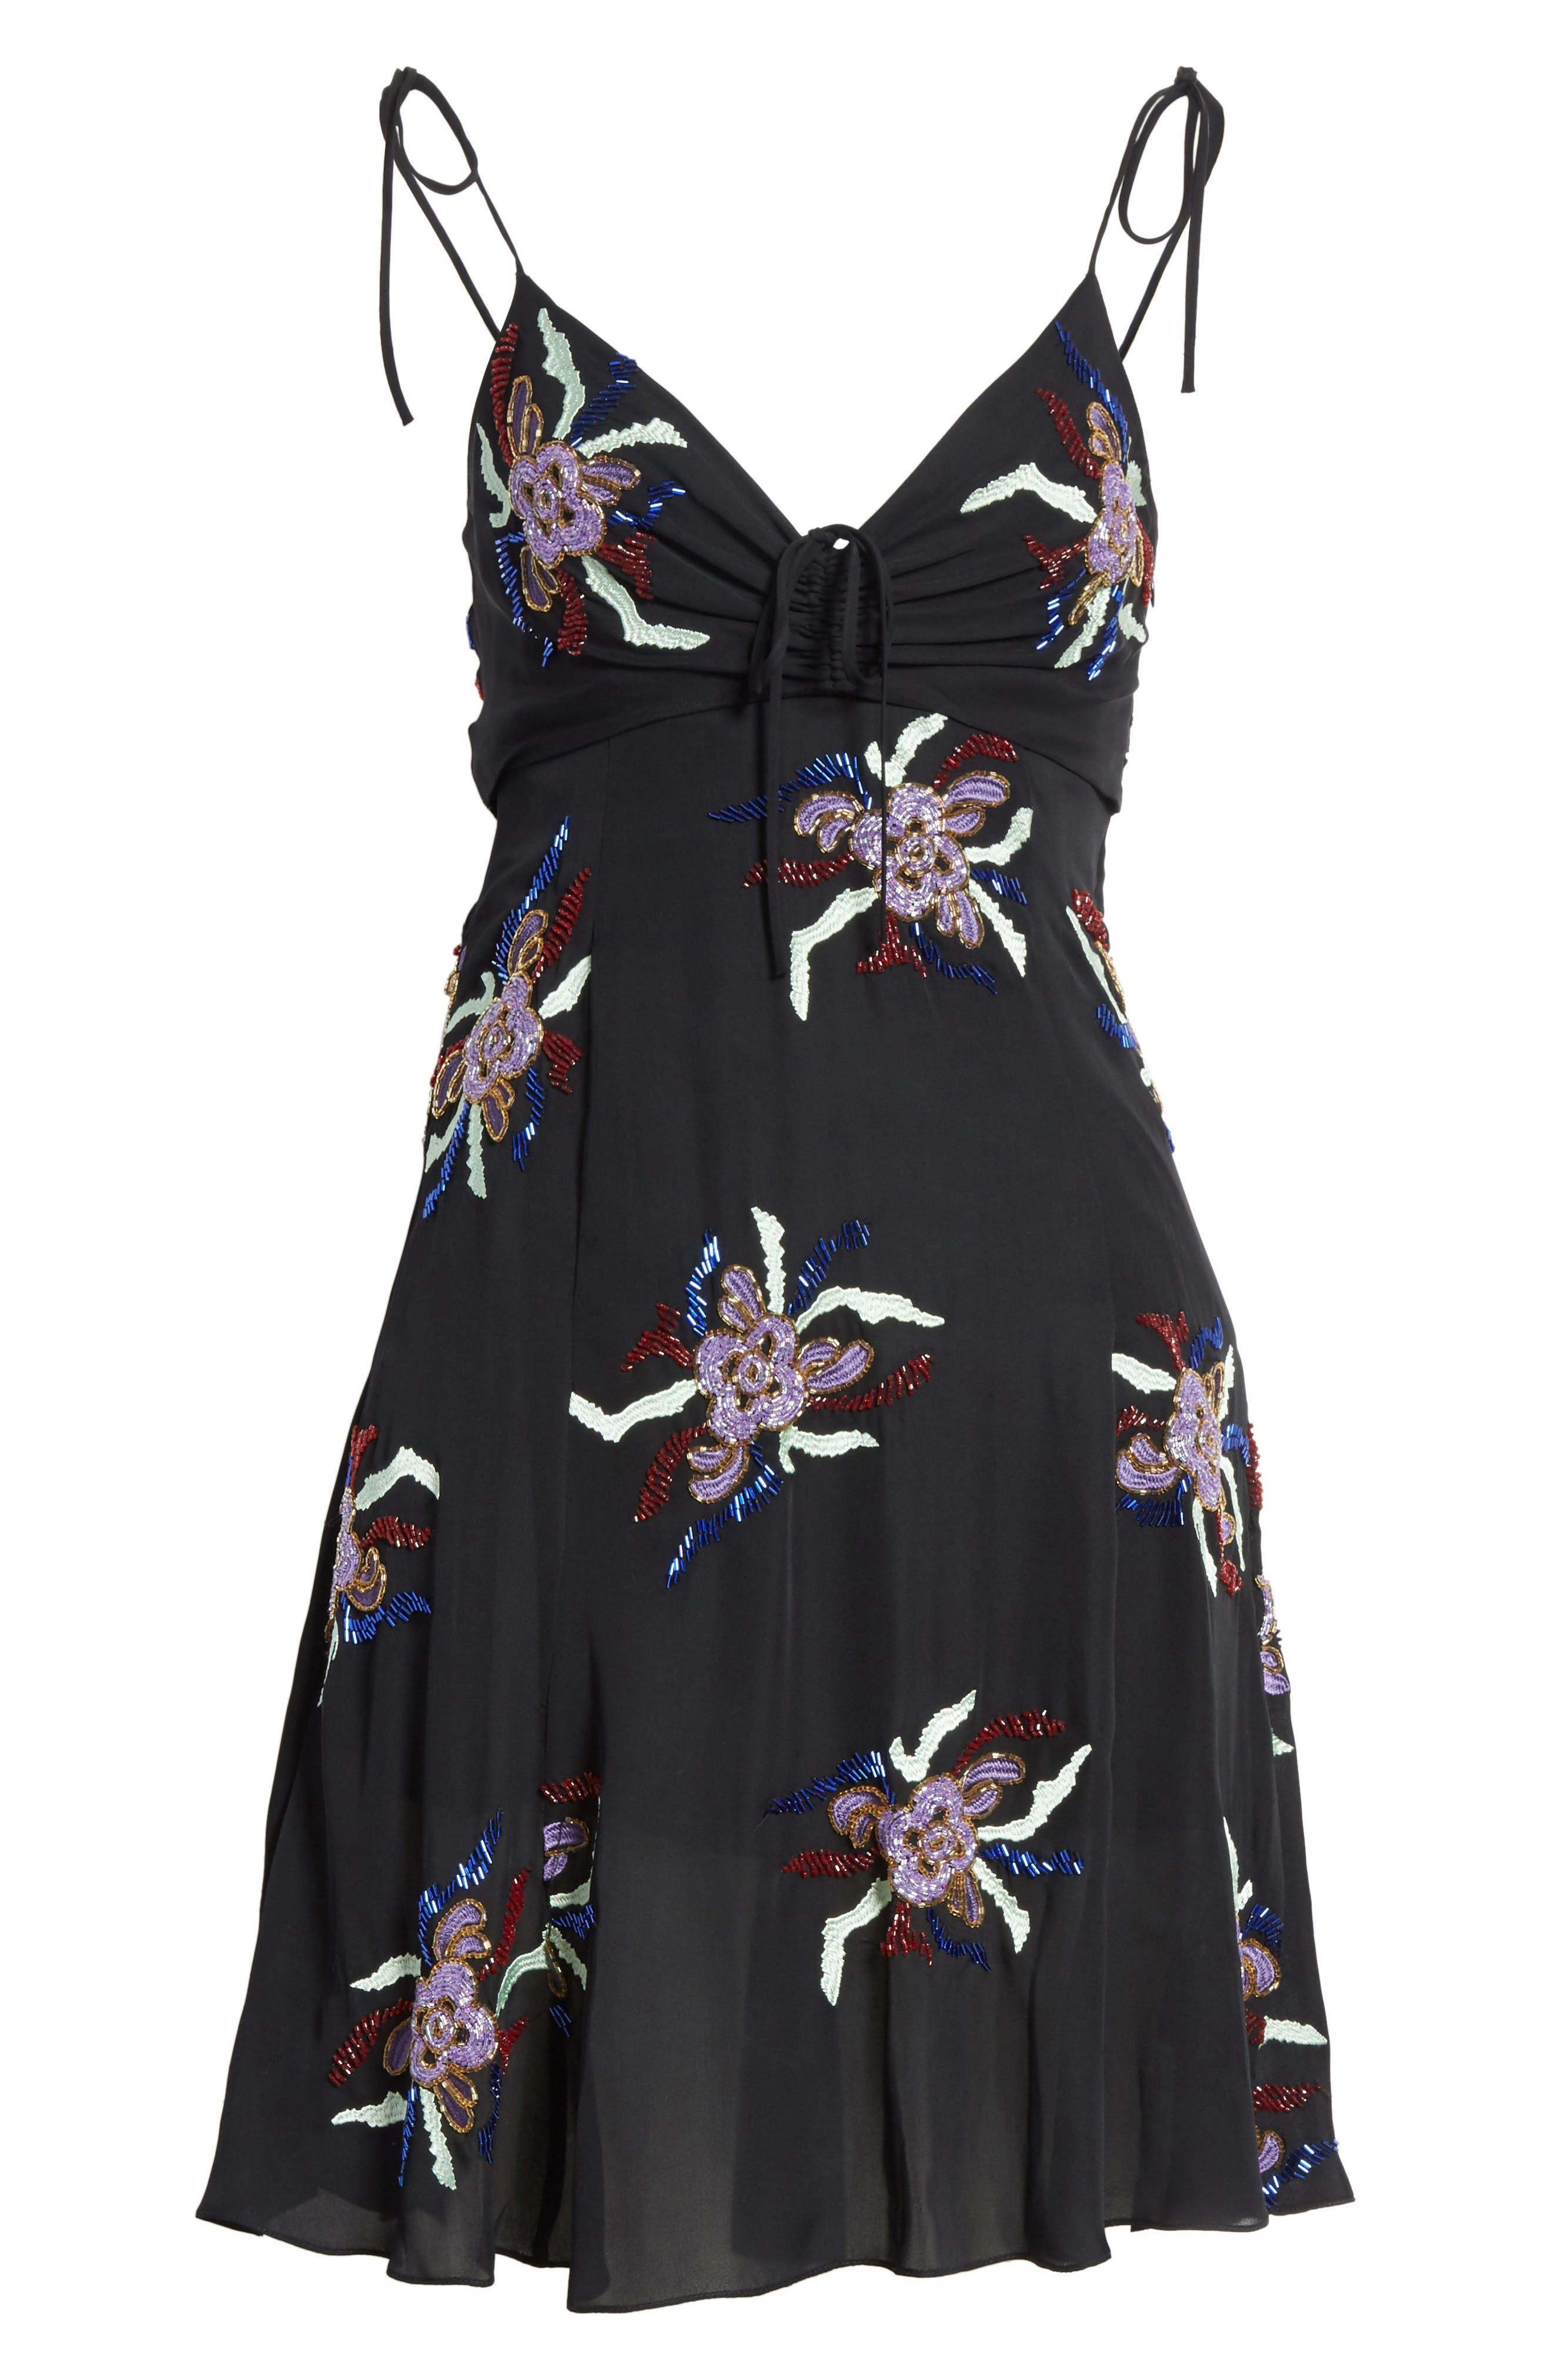 Porsca Embellished Silk Dress,                             Alternate thumbnail 6, color,                             008